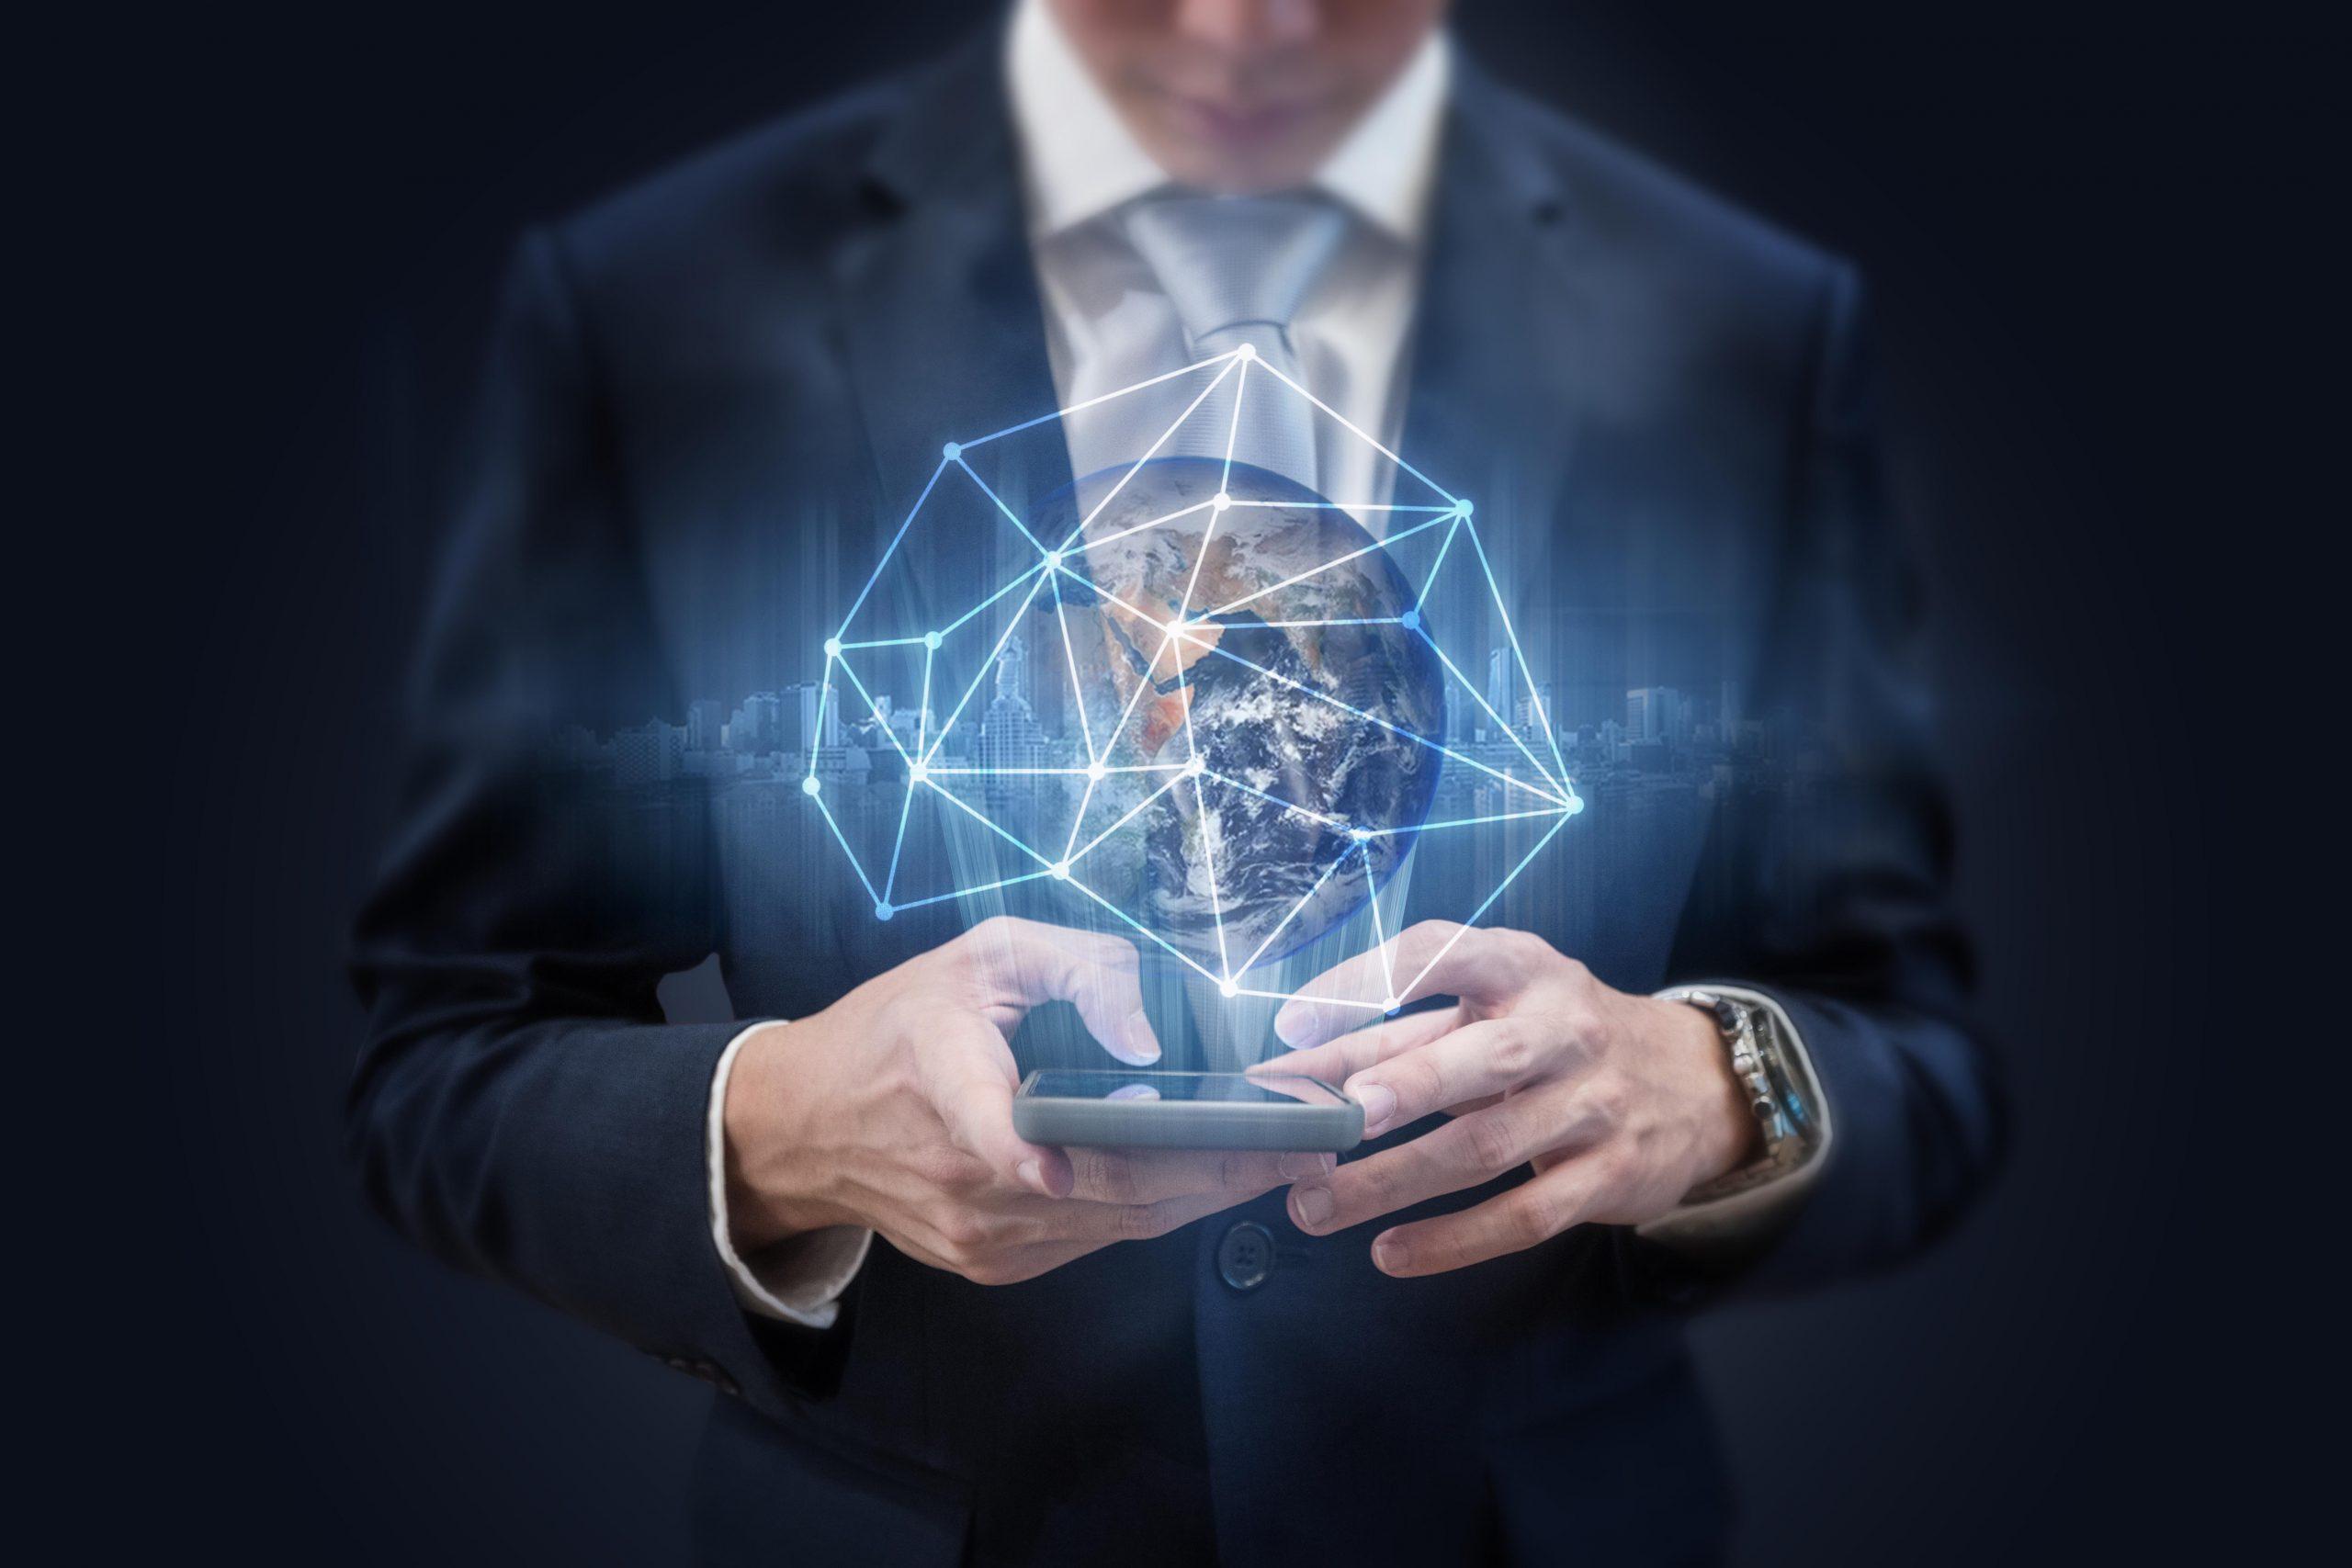 Tendências tecnológicas para seguir em 2021